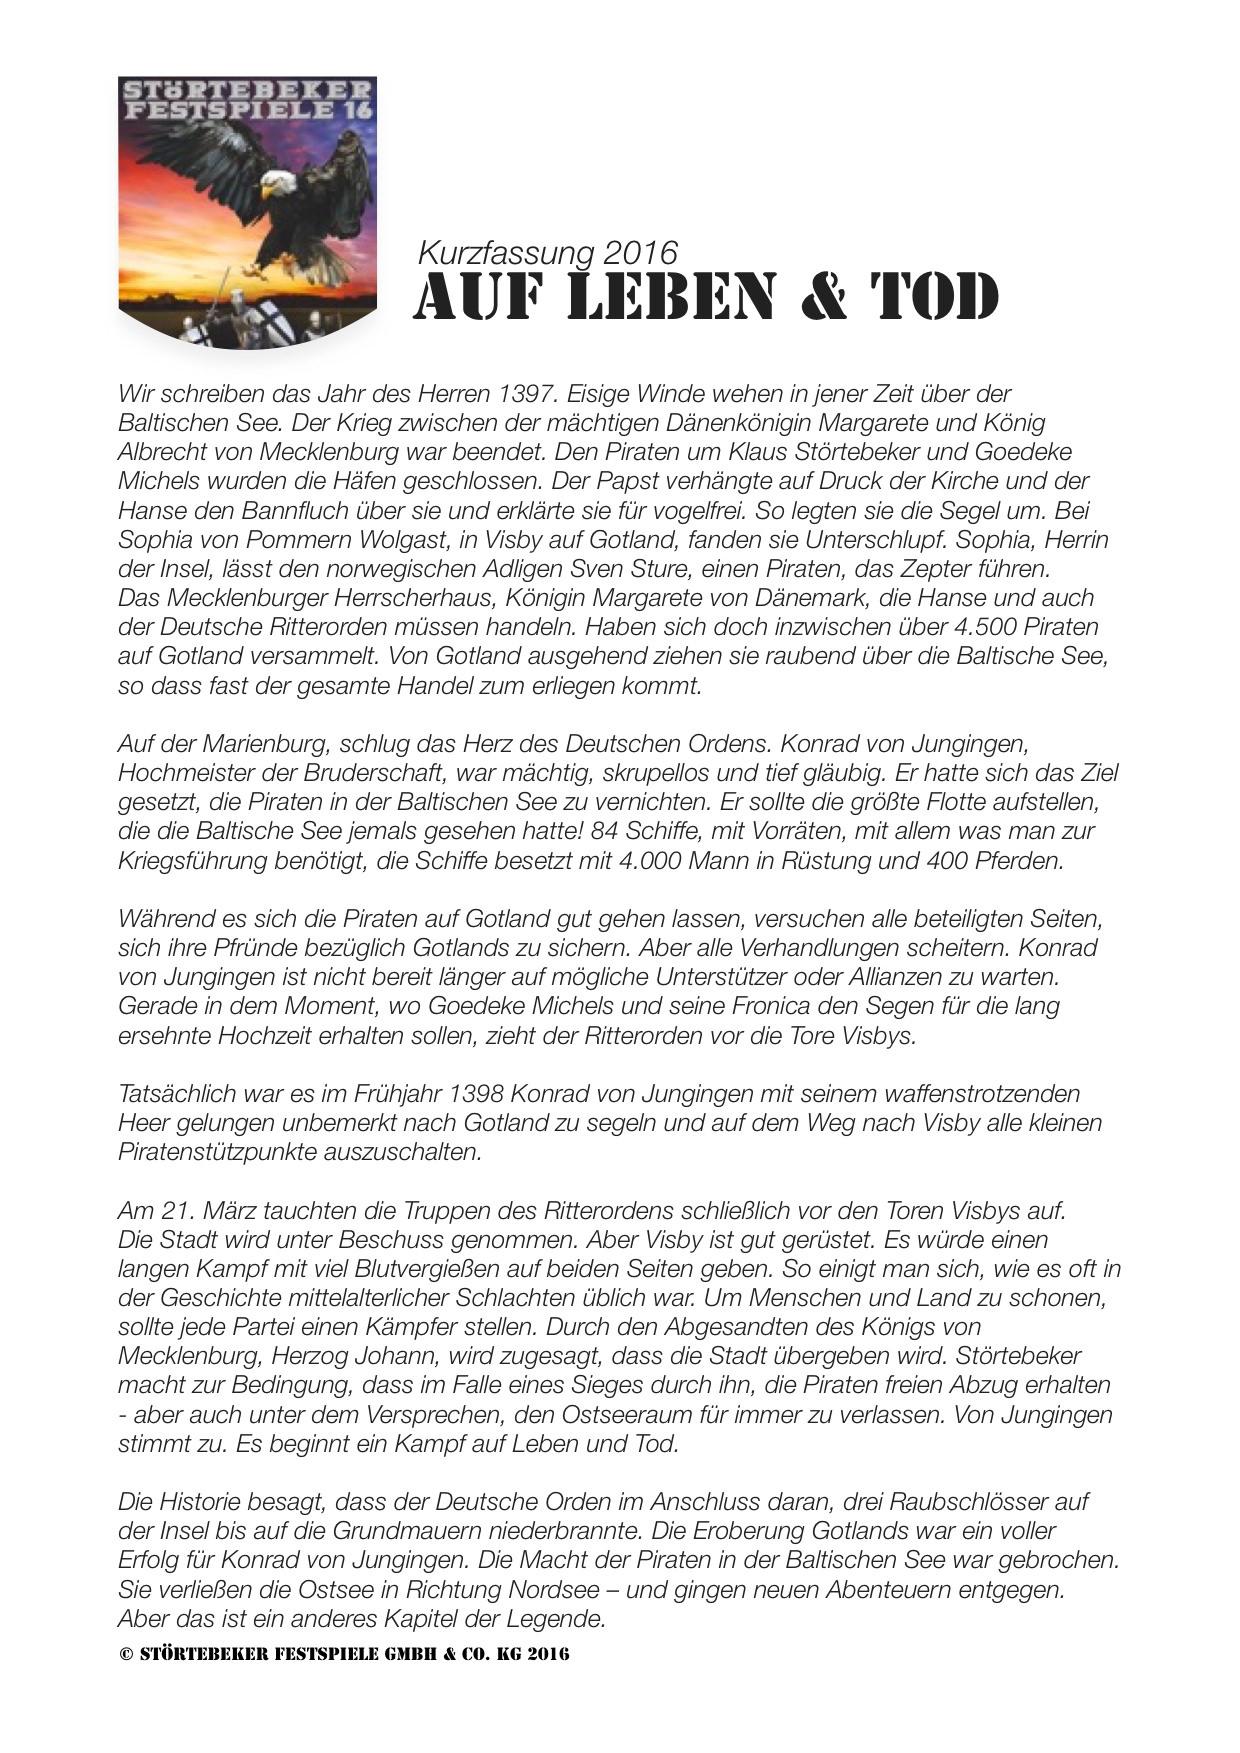 """Kurzfassung der Vorstellung """"Auf Leben & Tod"""" der Störtebeker Festspiele 2016 in Ralswiek"""